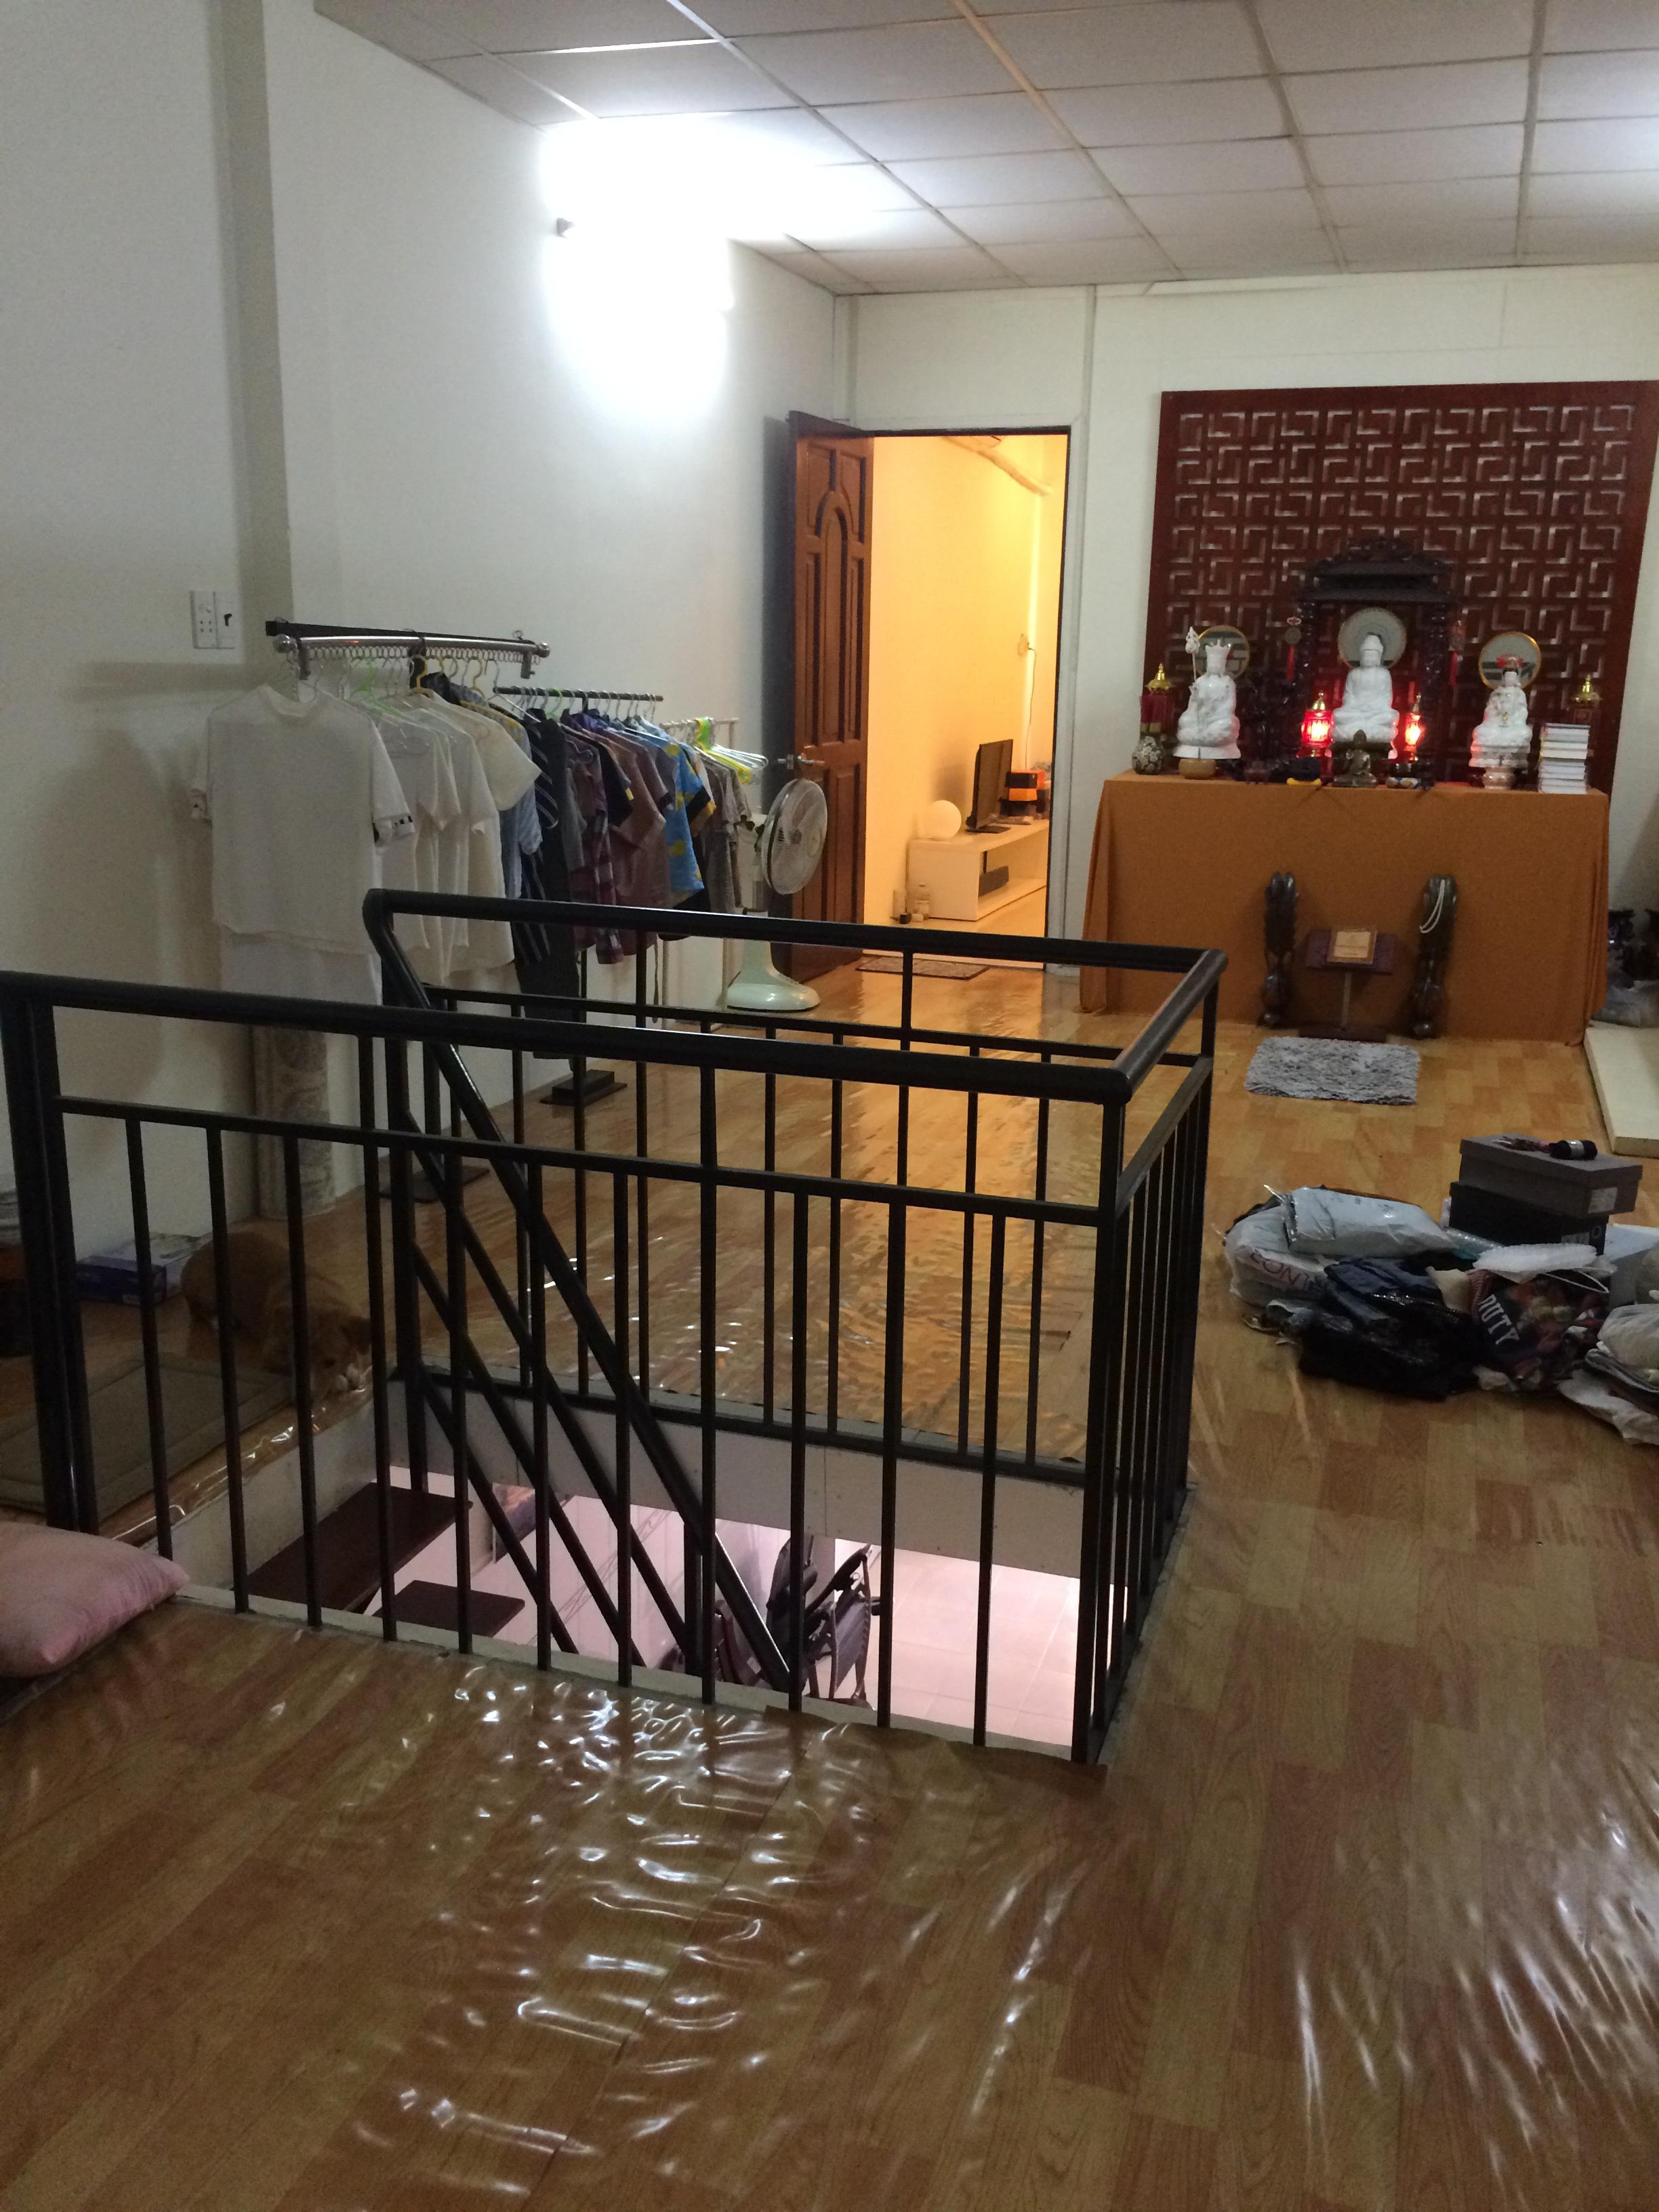 7 Bán nhà đôi liền kề 8x23 đường Nguyễn Thị Tú, quận Bình Tân, TP. HCM